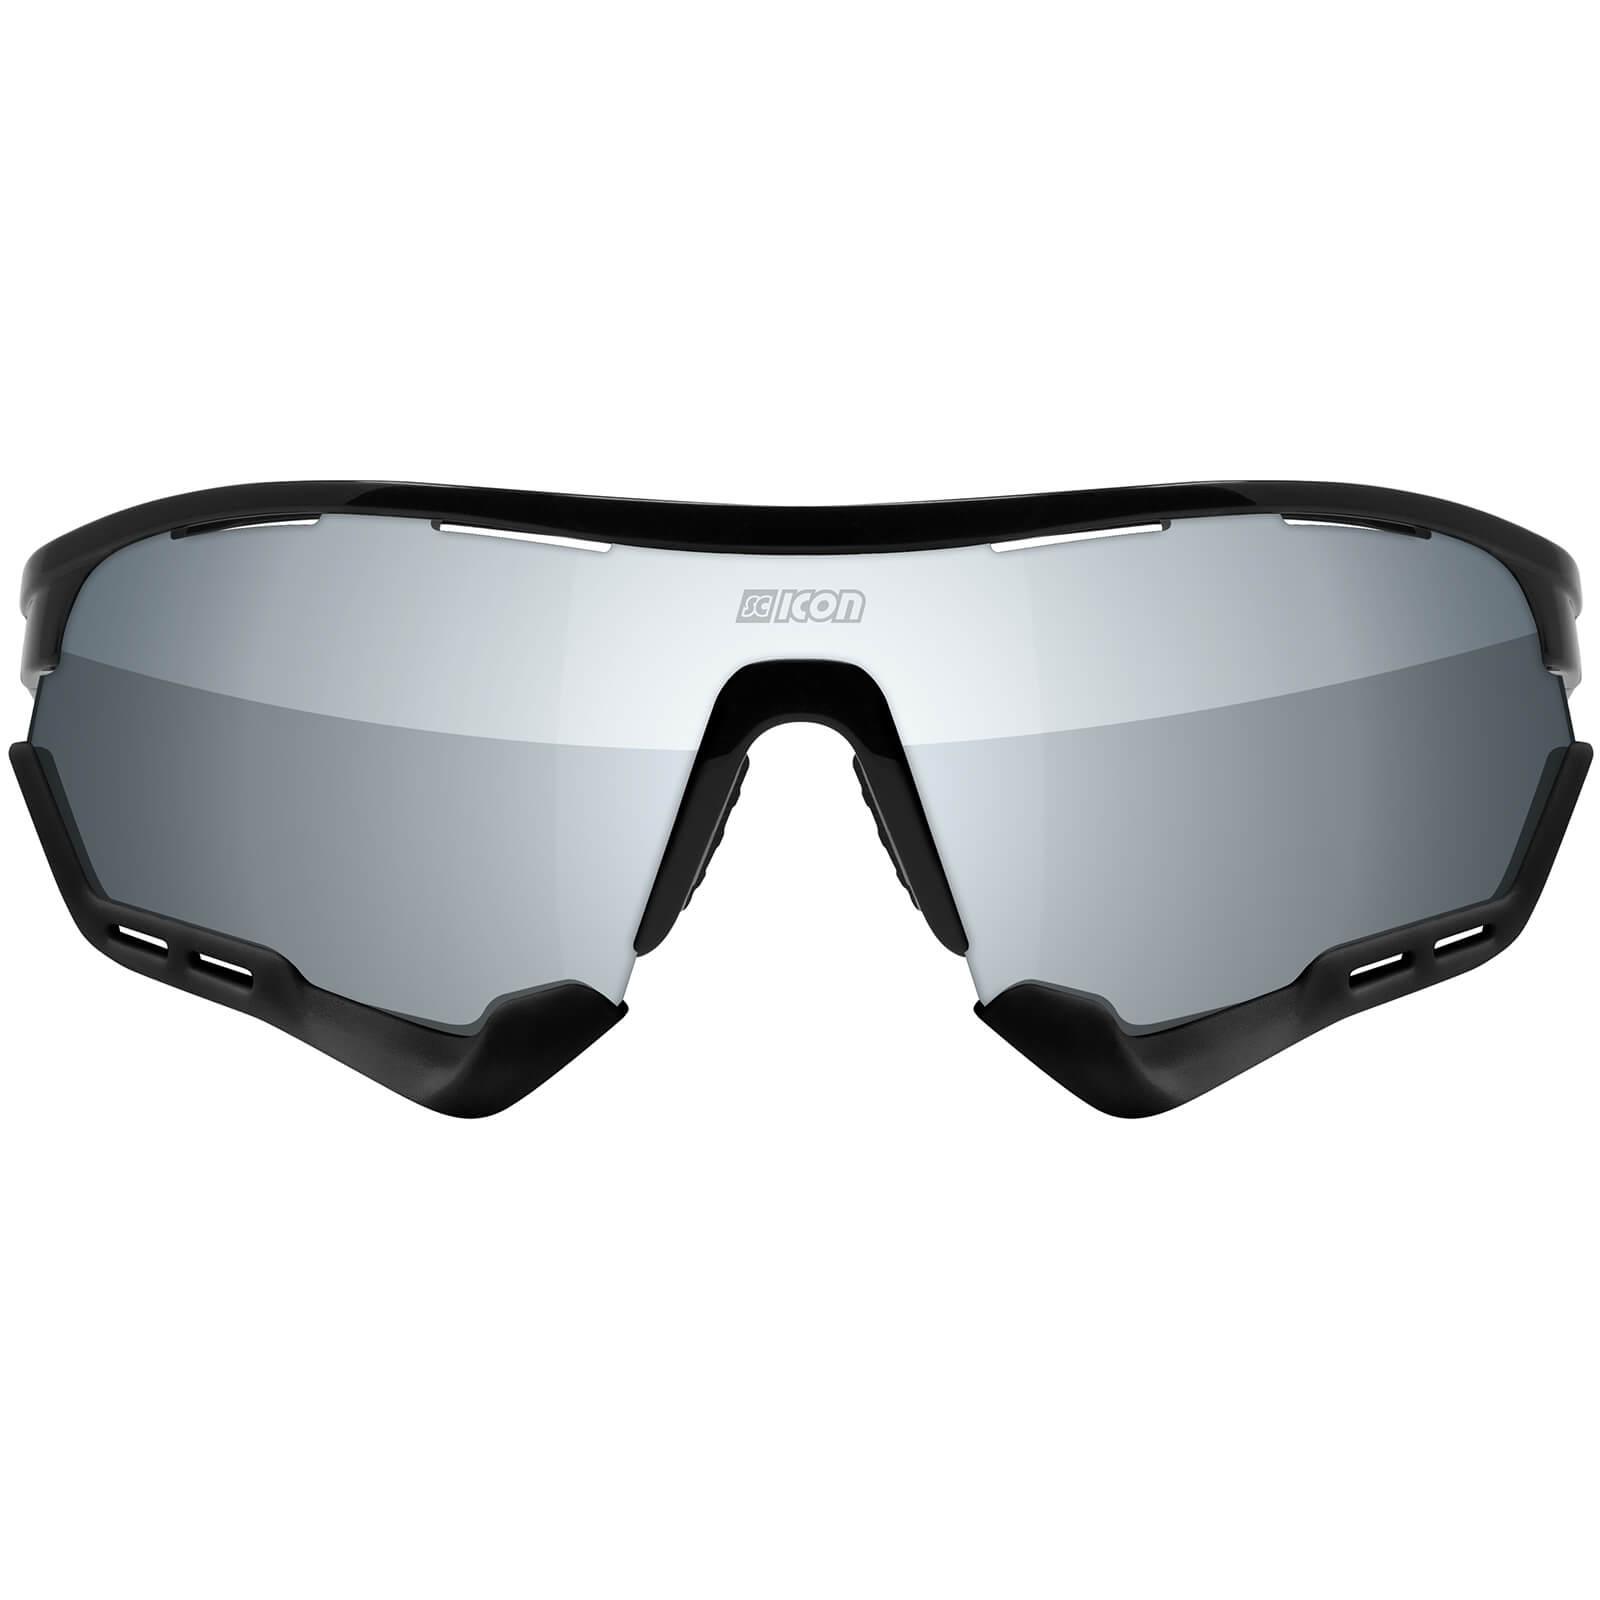 Scicon Aerotech Xl Road Sunglasses - Black Gloss - Multilaser Silver